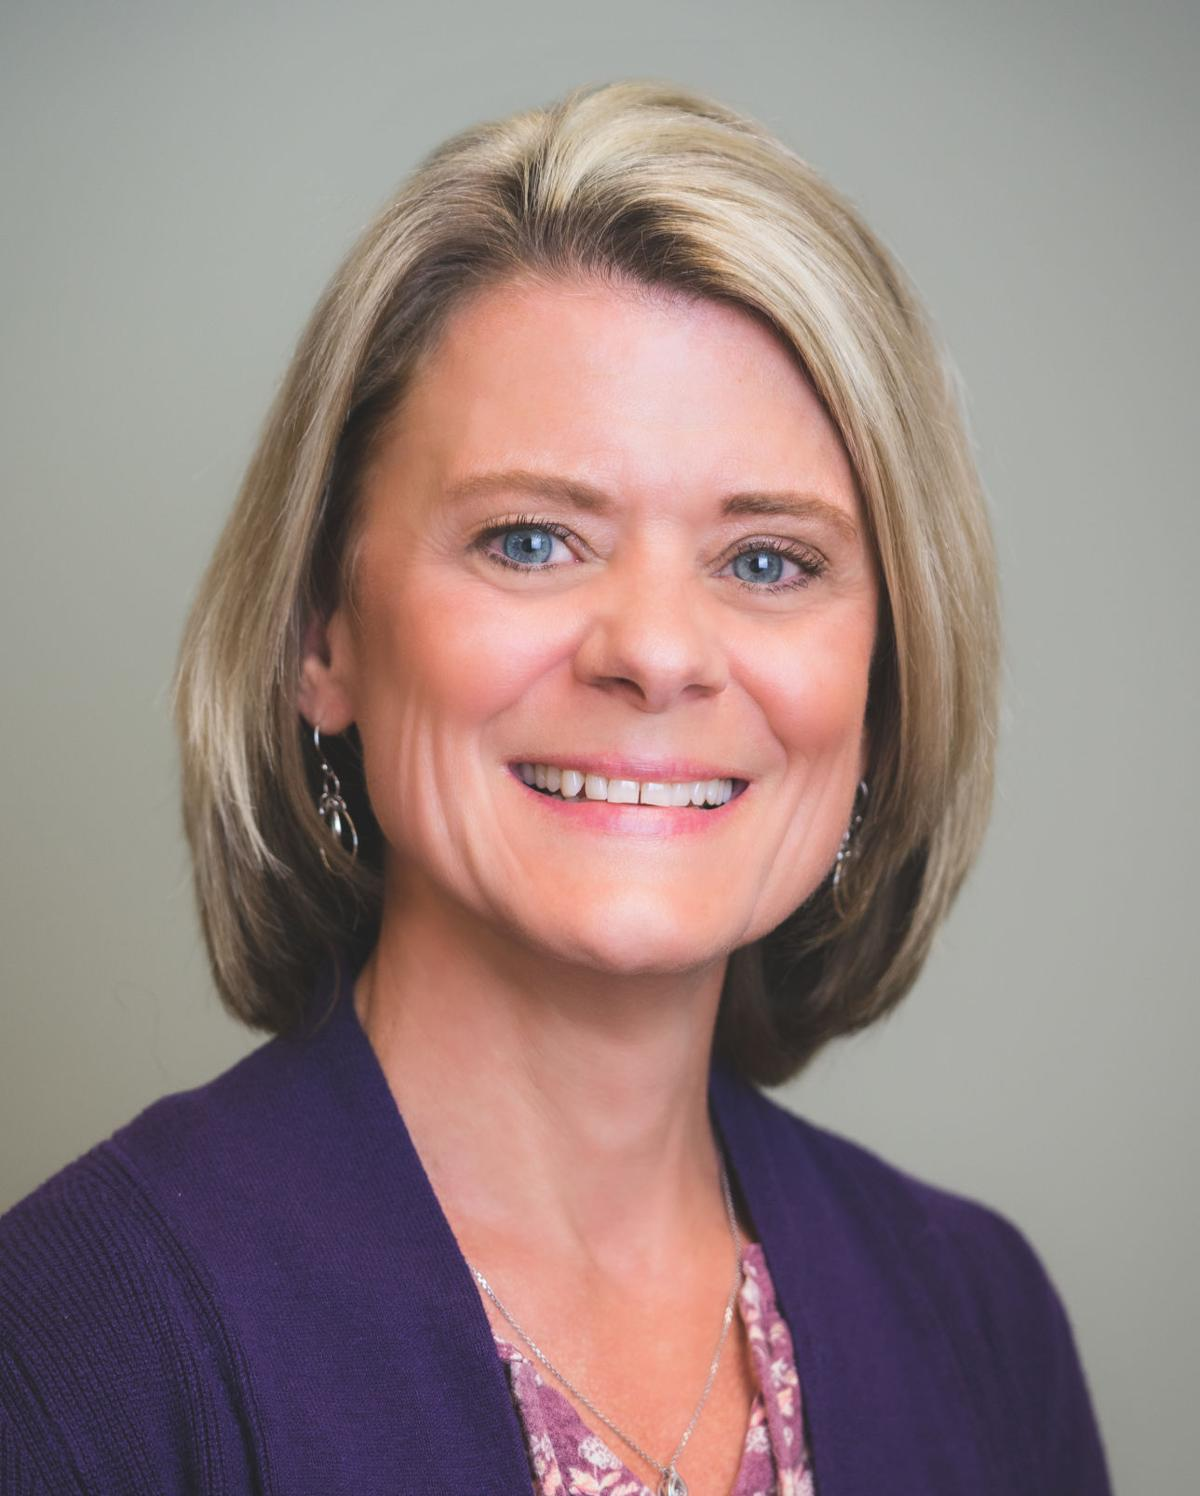 Carol Ehlinger